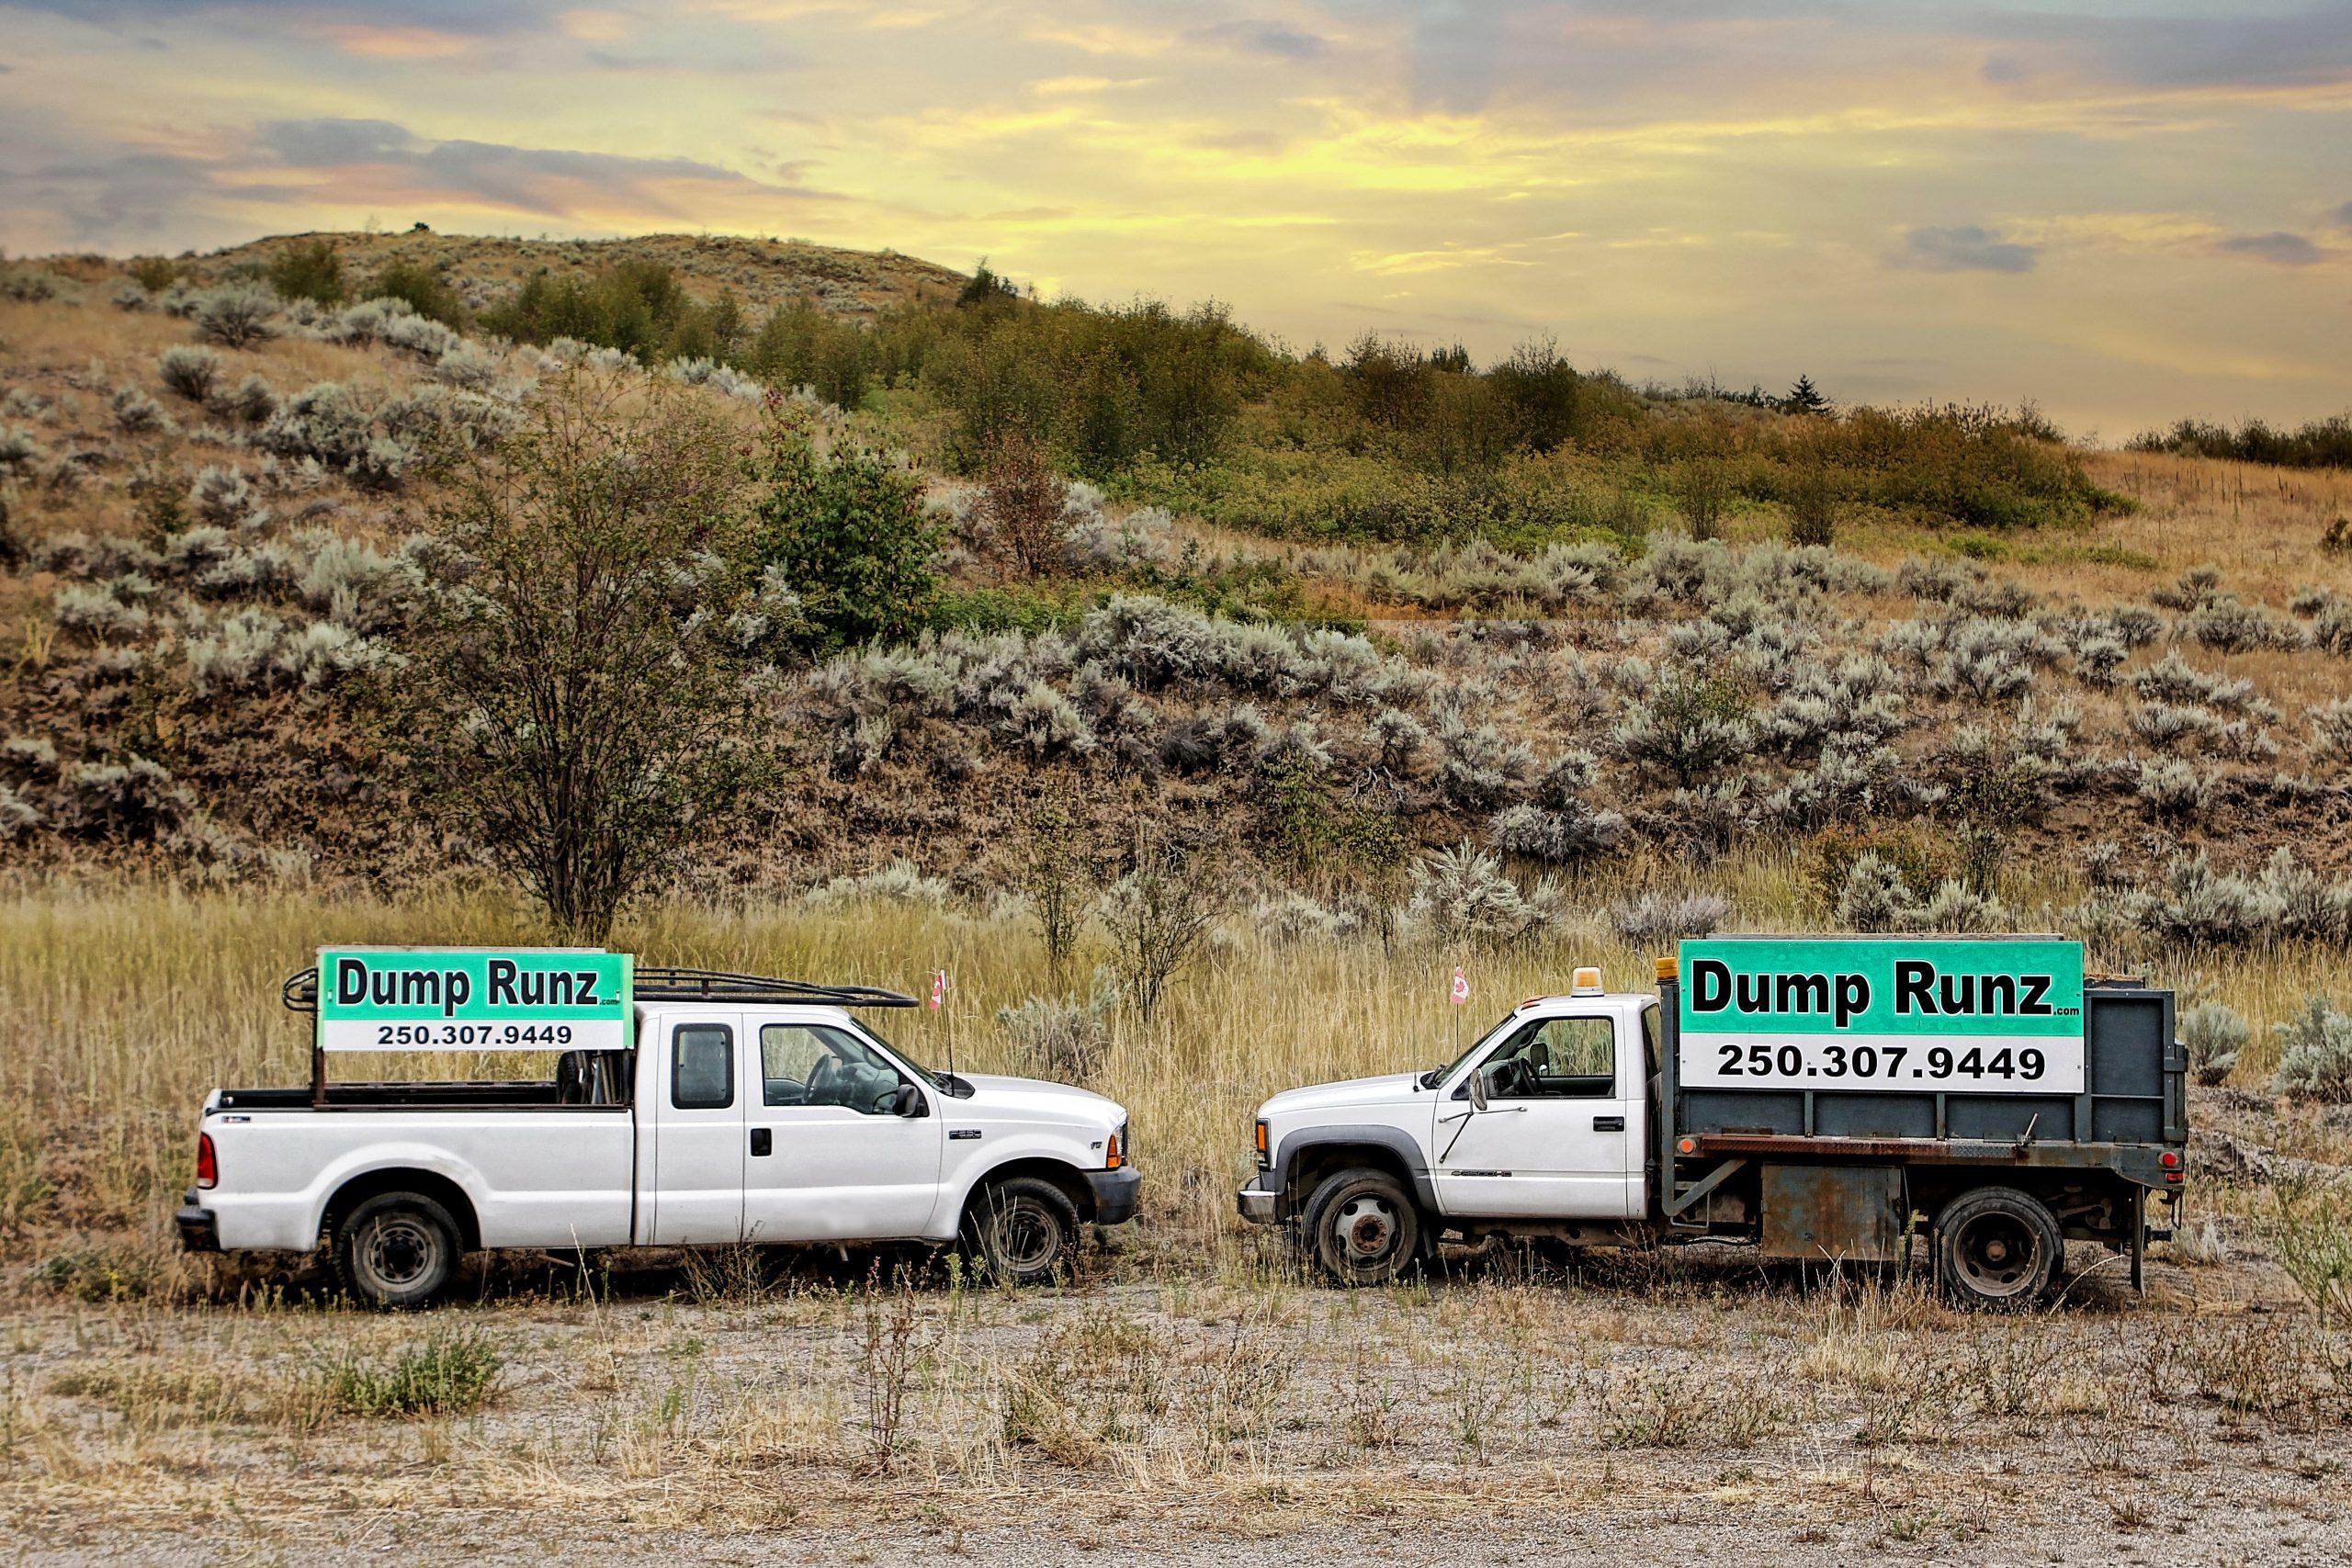 Dump Runz Trucks against the Hillside Vernon Dump Runz